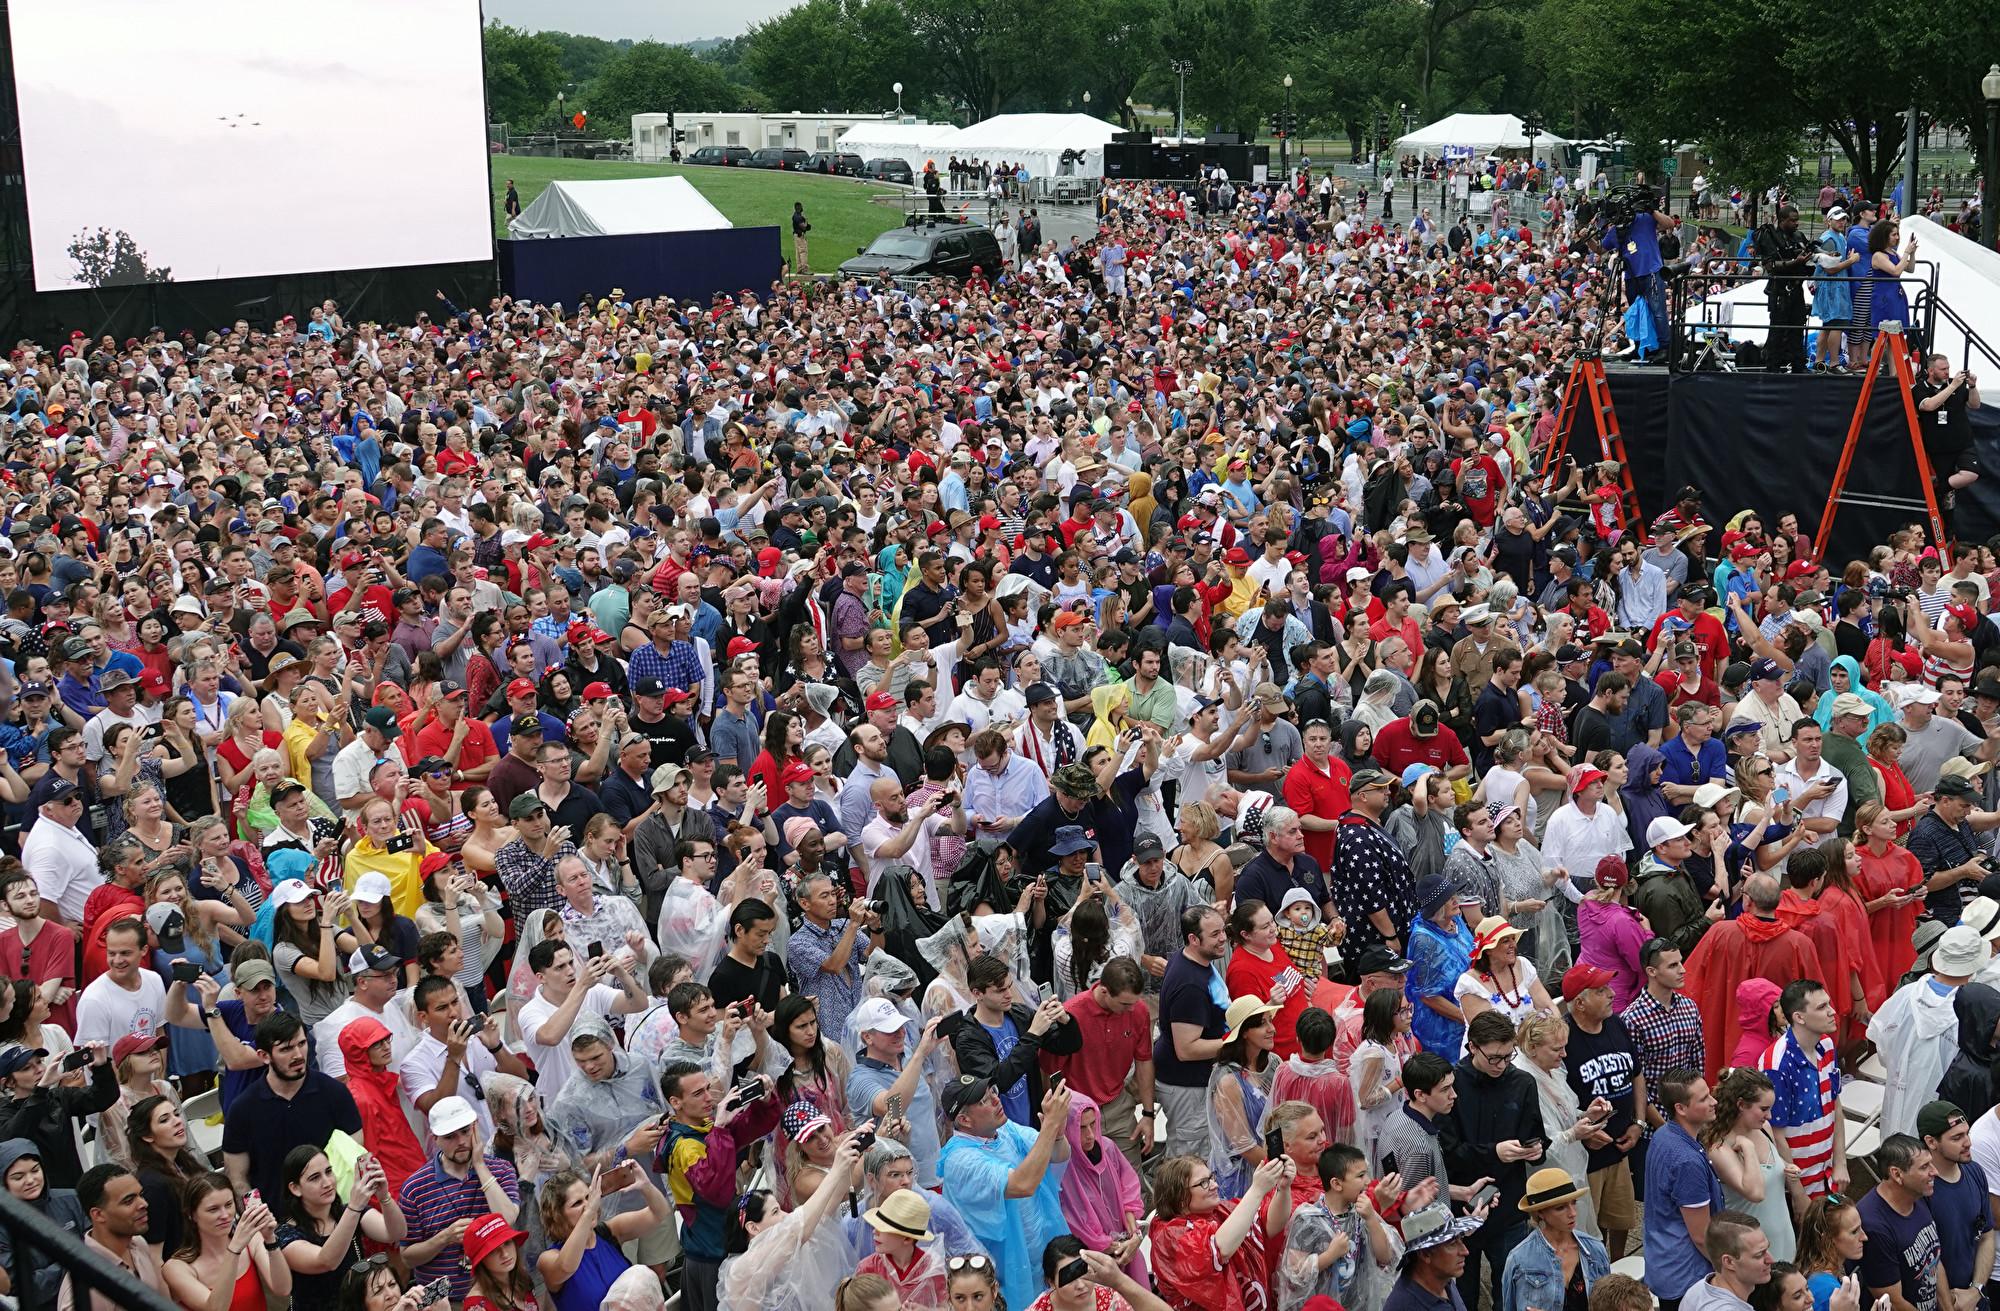 7月4日傍晚,數萬名來自美國各地的民眾聚集在林肯紀念堂前,慶祝美國國慶日。(亦平/大紀元)